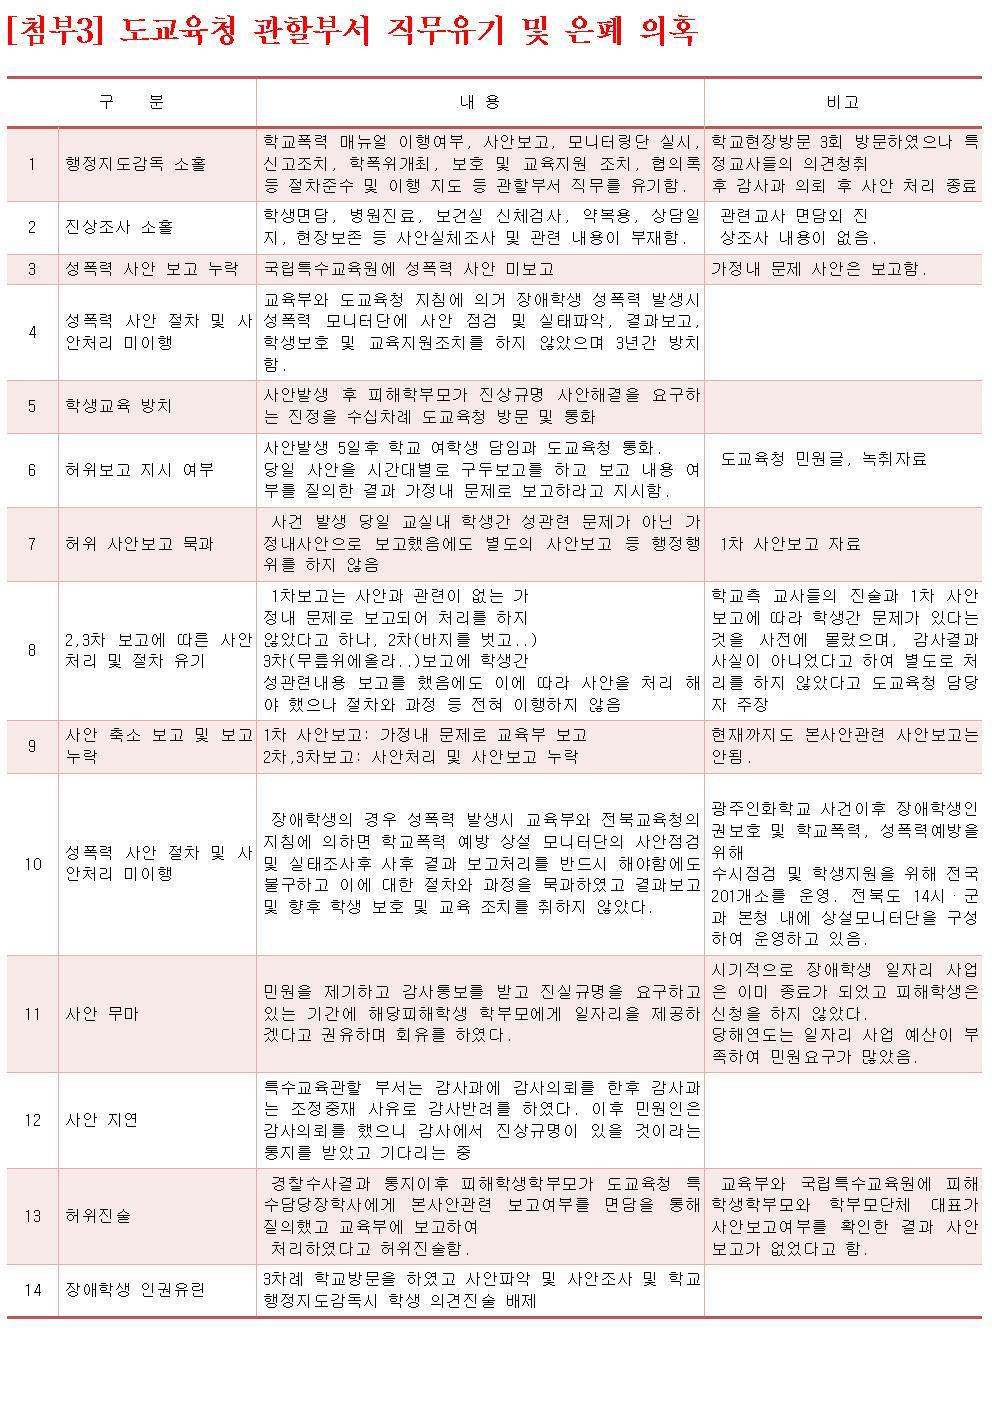 15.8.17_선화학교 성폭력 은폐 기자회견문(장교연)005.jpg